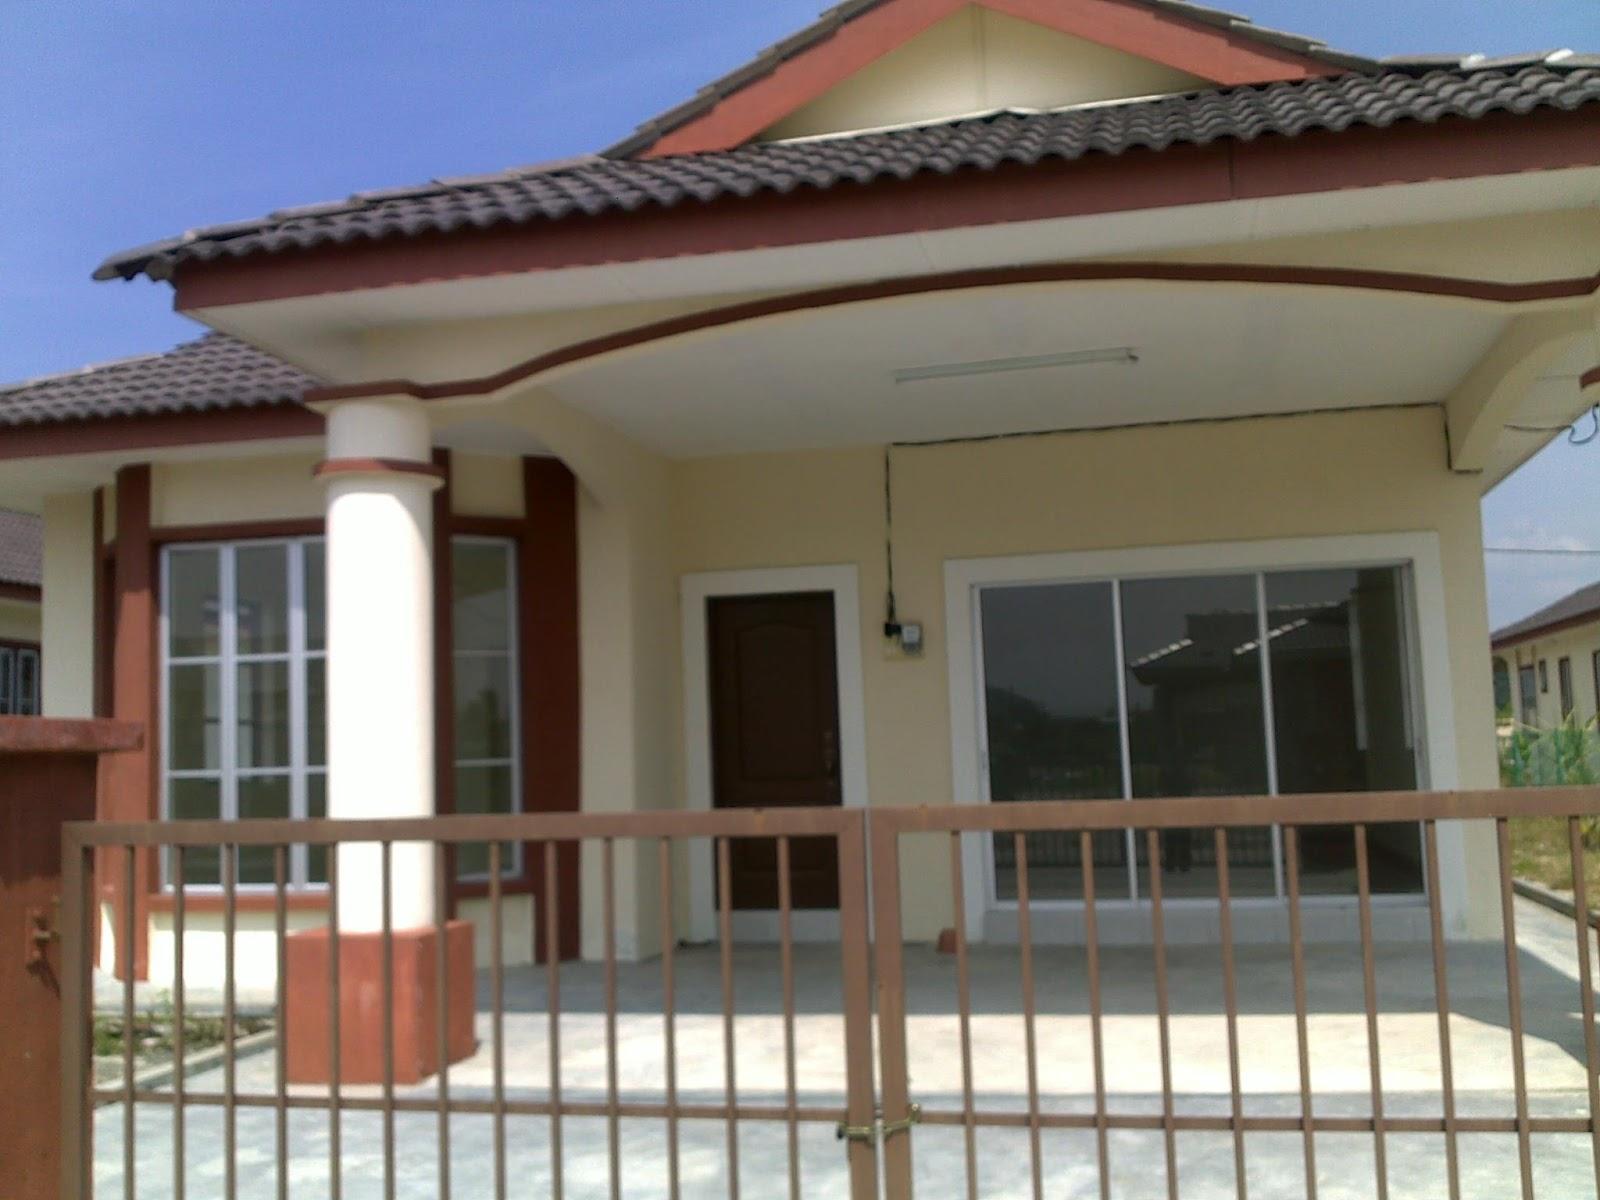 Rumah Banglo Satu Tingkat Di Batu Gajah, Perak